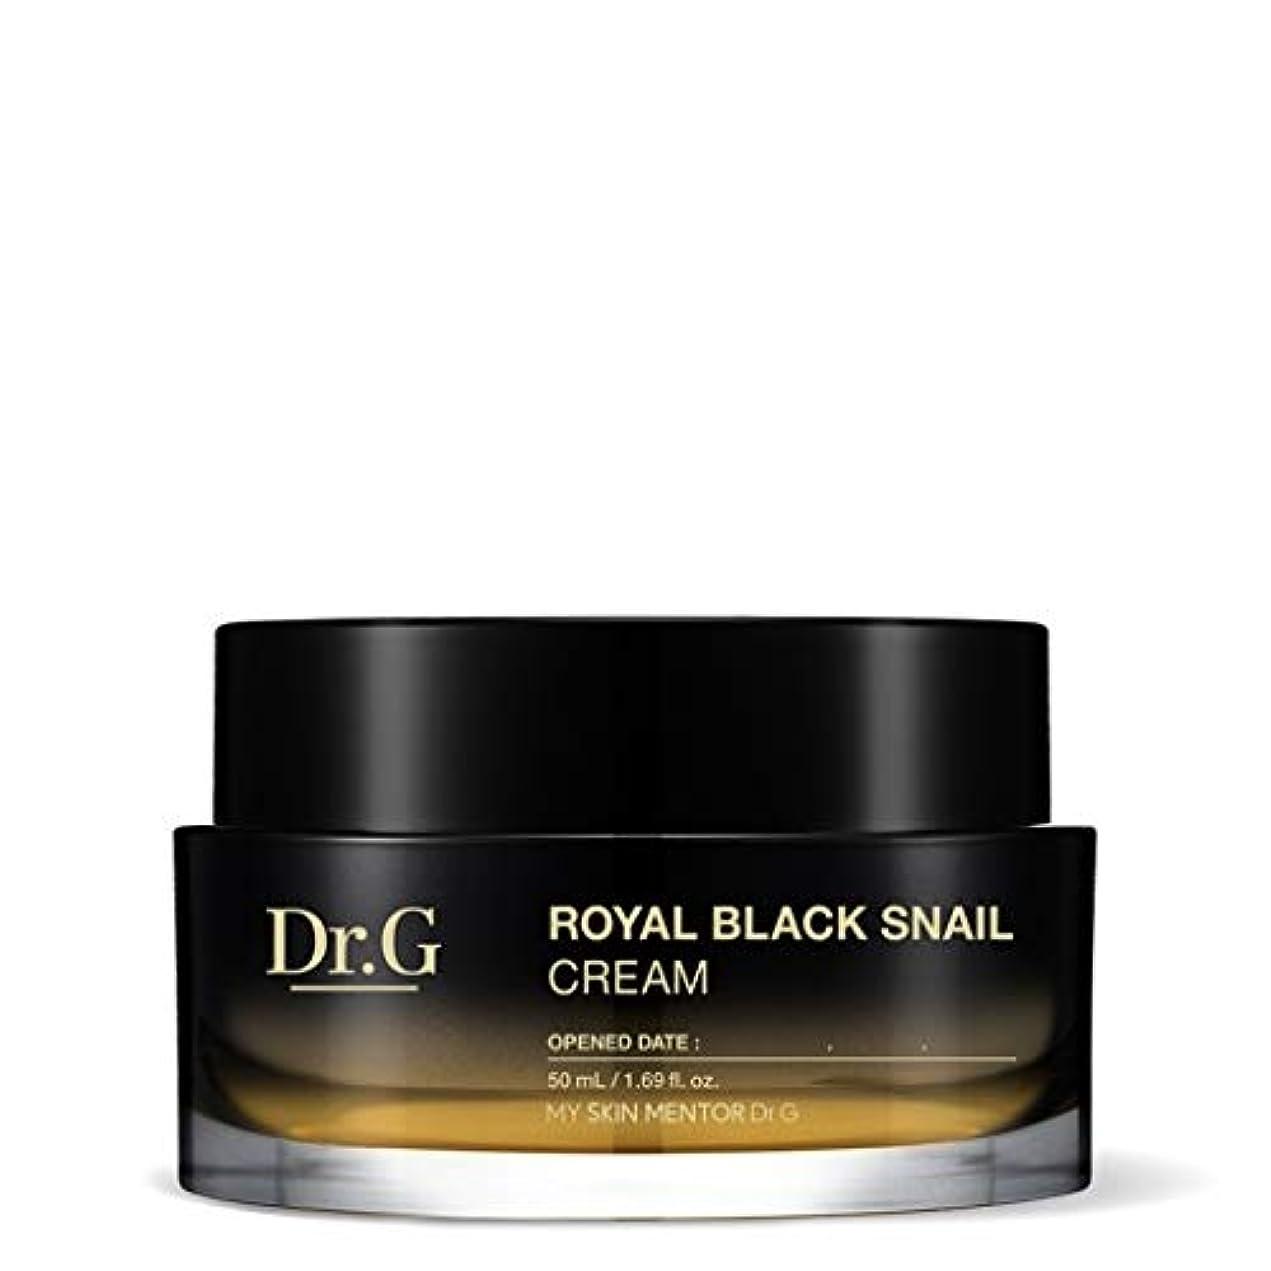 簿記係リス地上で[Dr.Gドクタージー] ロイヤルブラックスネイルクリーム 50ml / Royal Black Snail Cream